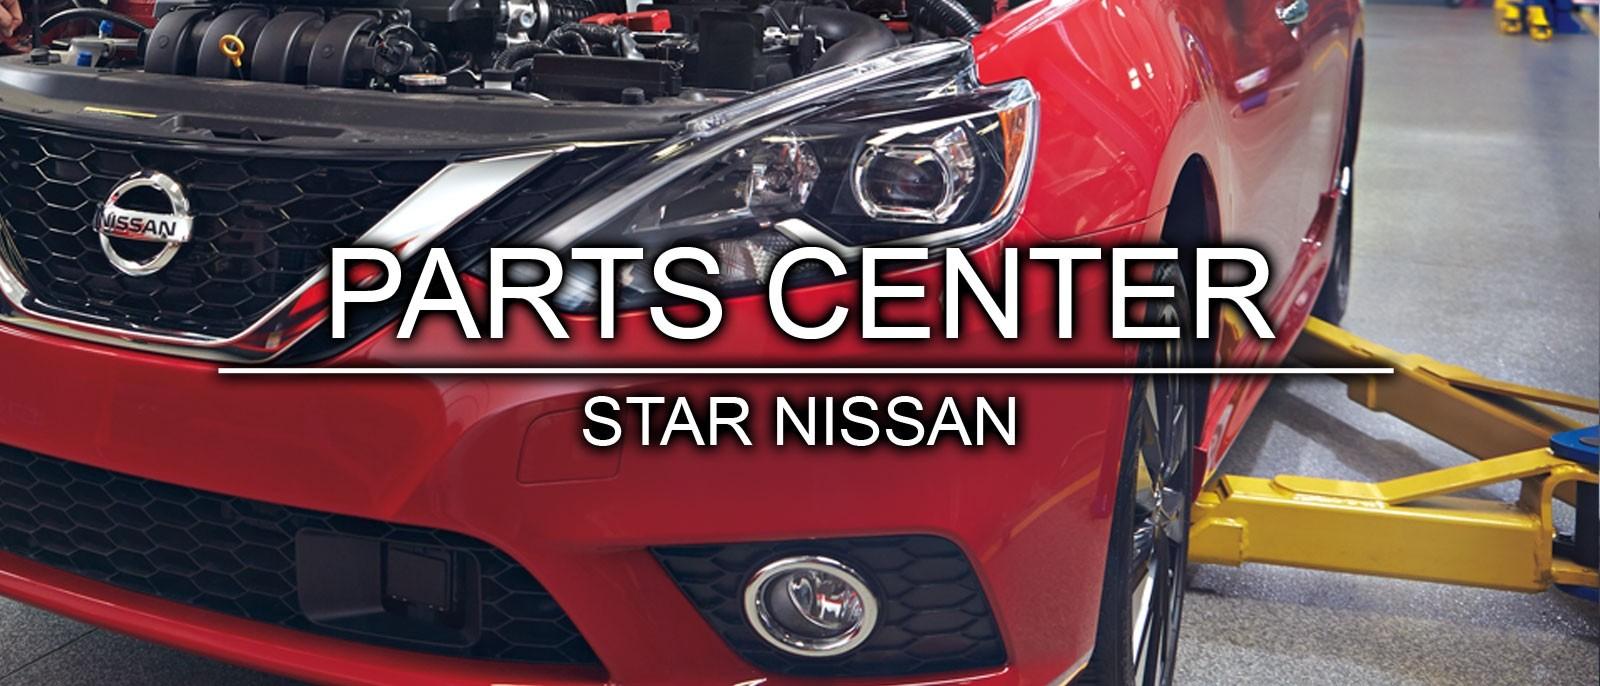 Nissan Auto Parts & Accessories near Skokie | Star Nissan